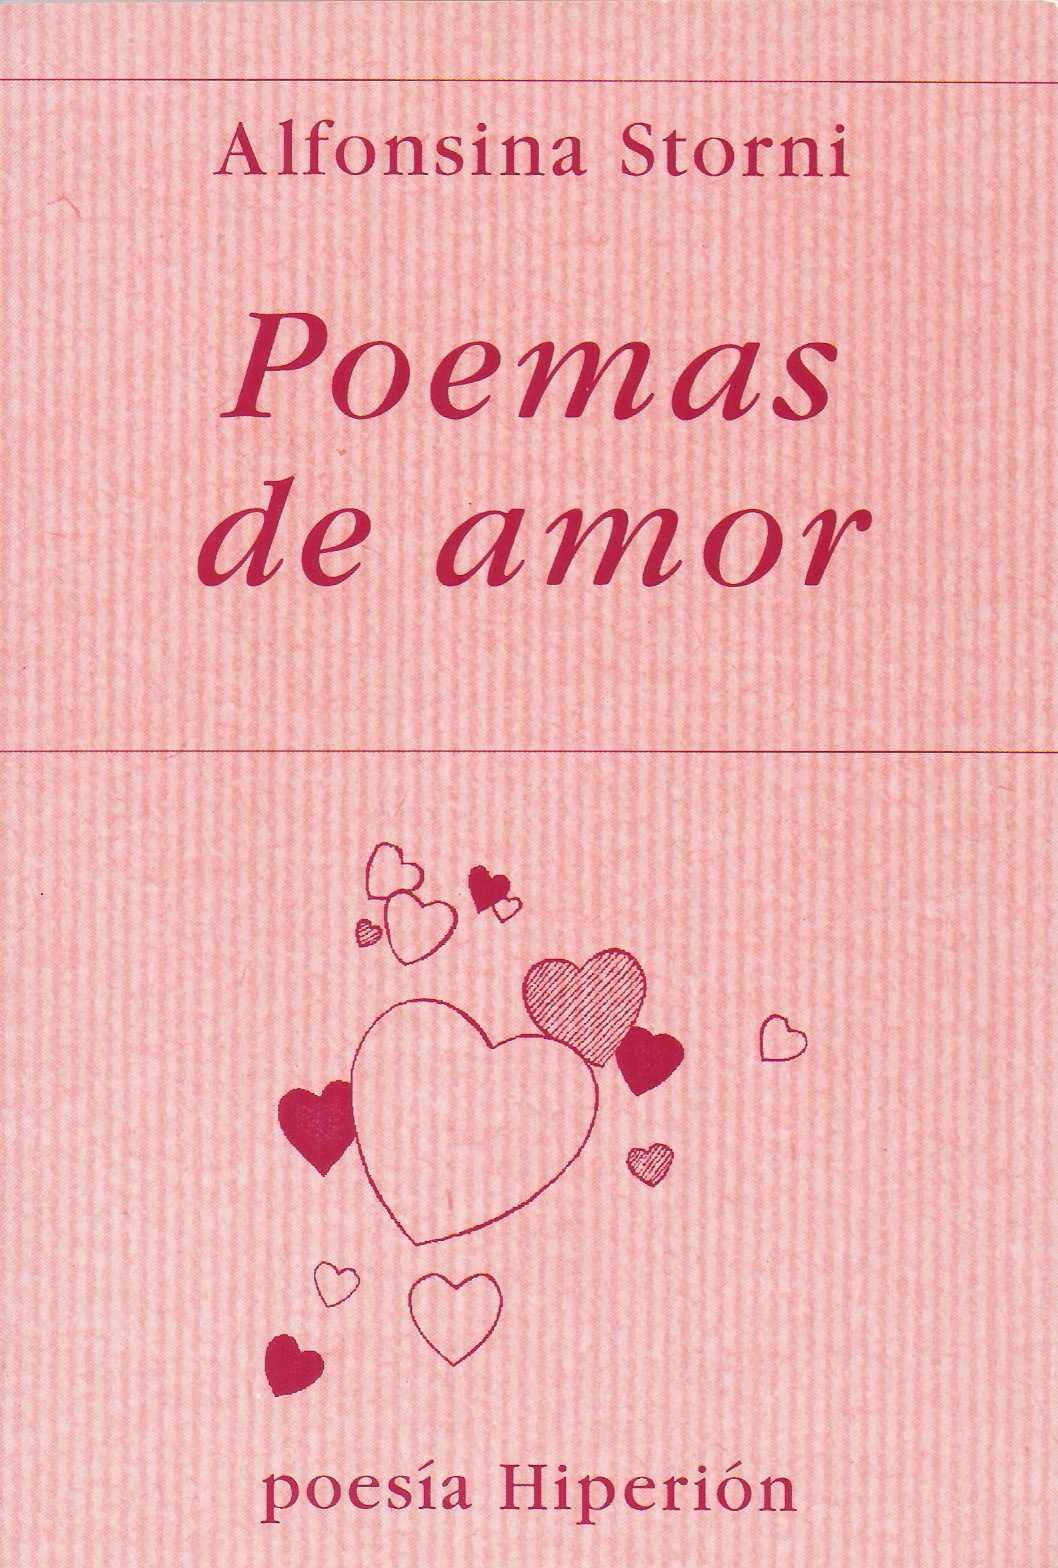 5 Libros De Poemas De Amor Que No Debes Dejar De Leer